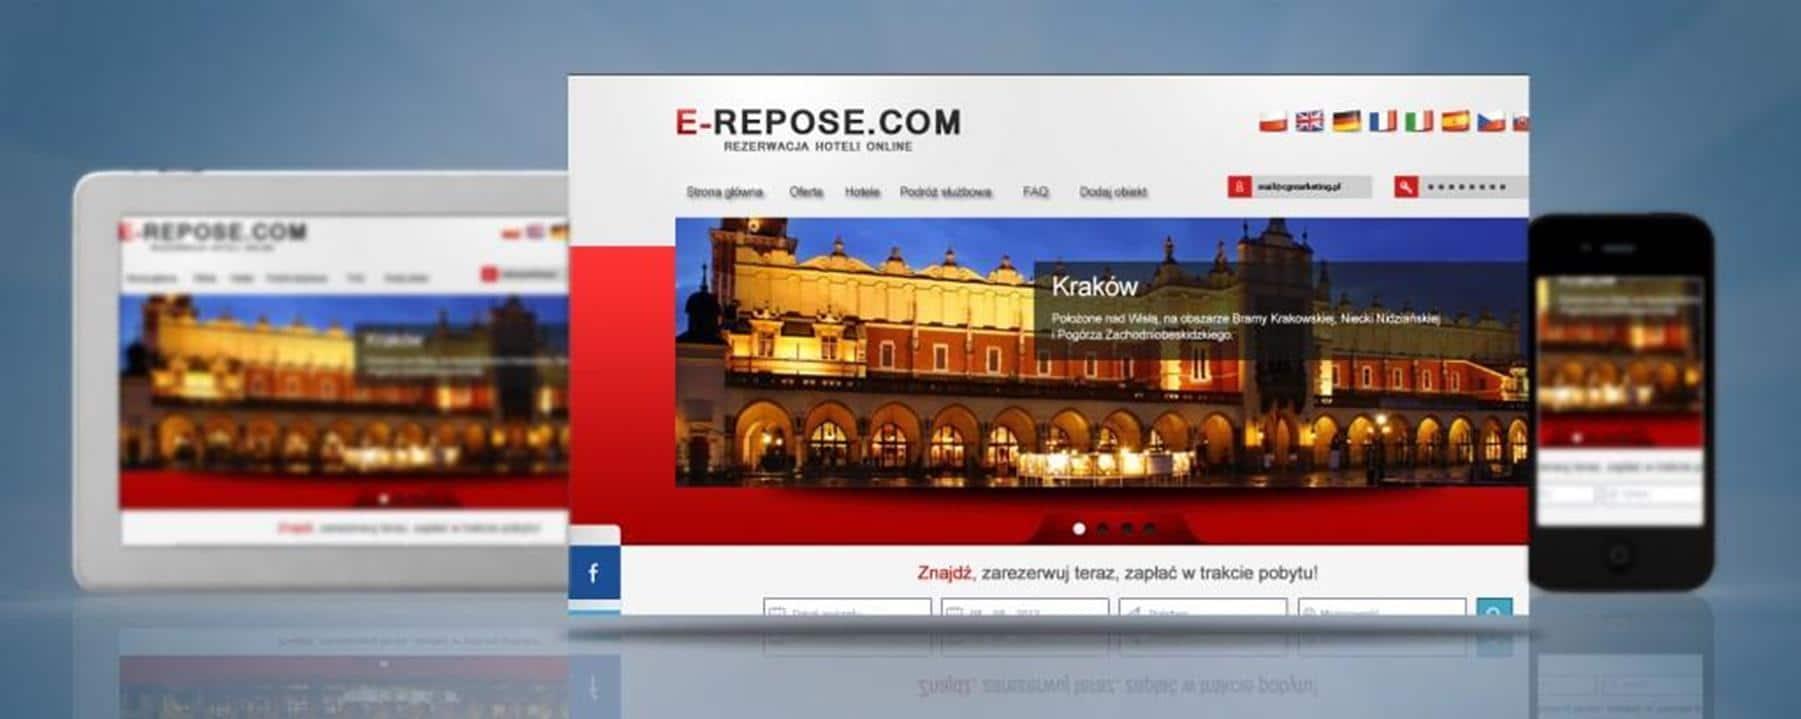 e-repose_webside